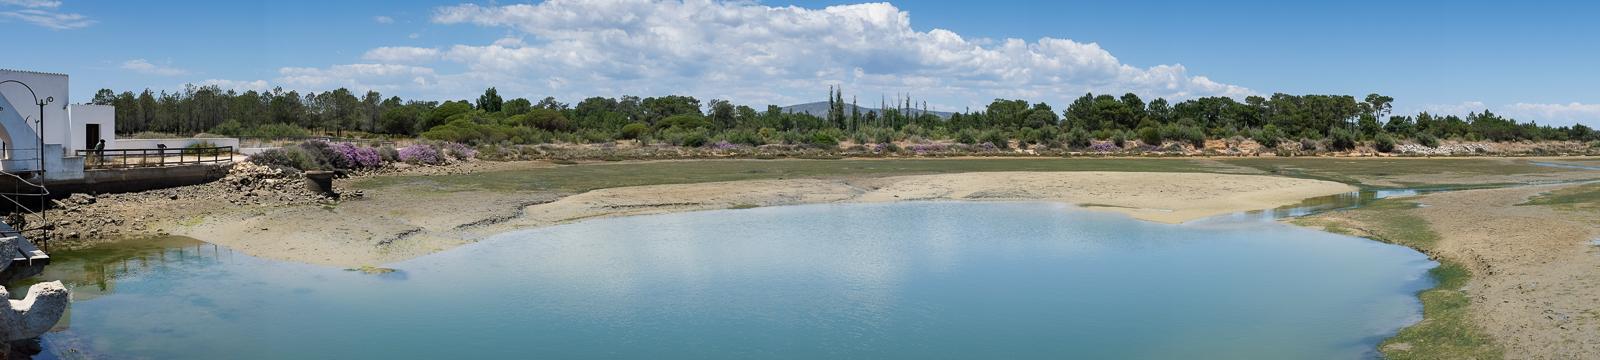 Dag08-Algarve-026-DSCF1989